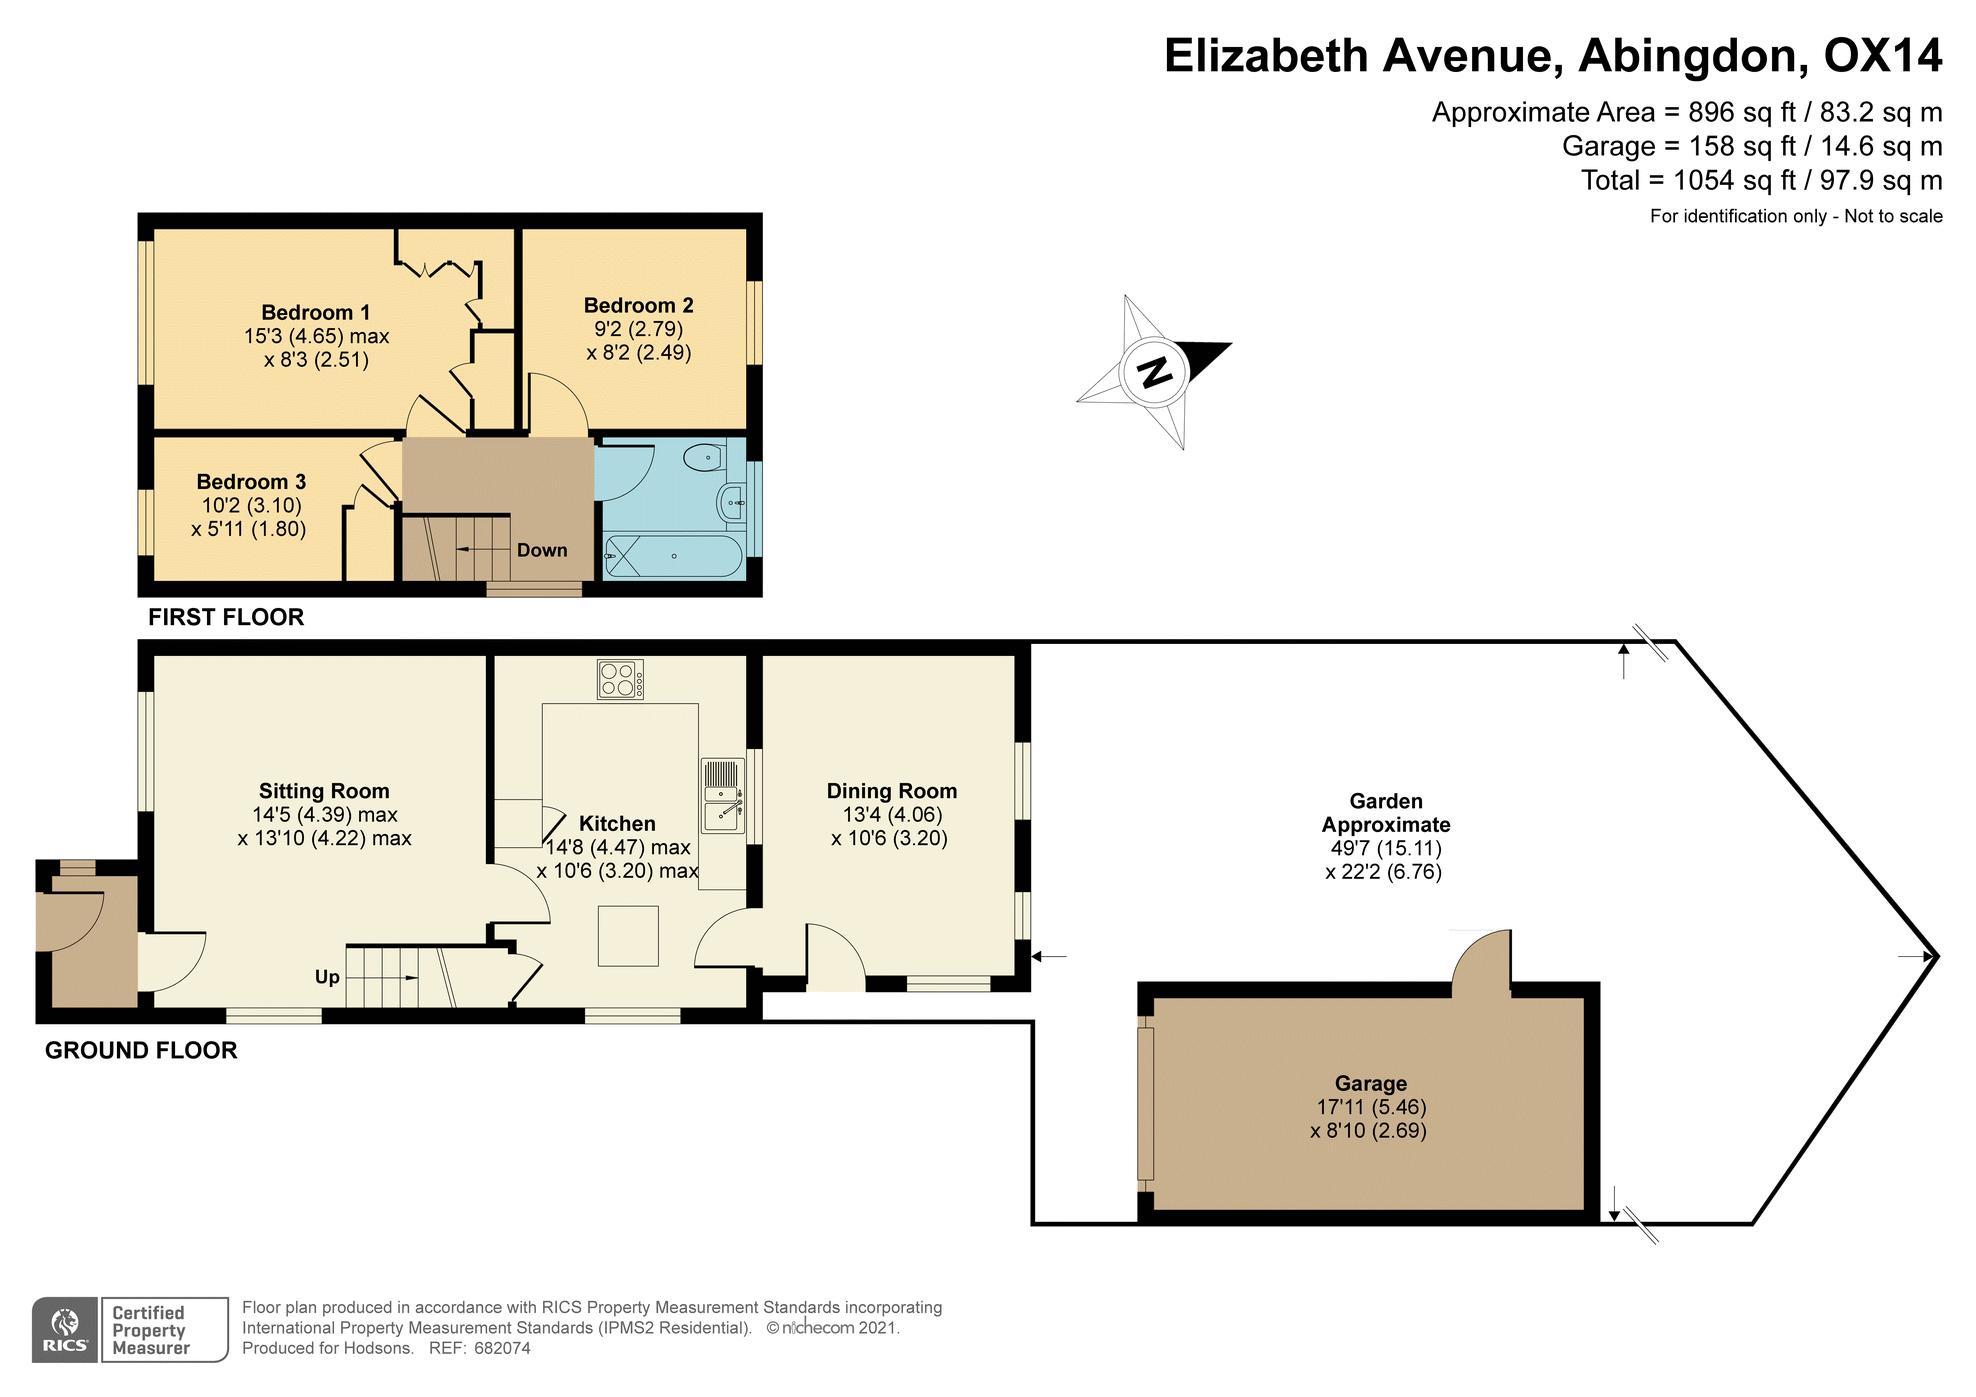 Elizabeth Avenue